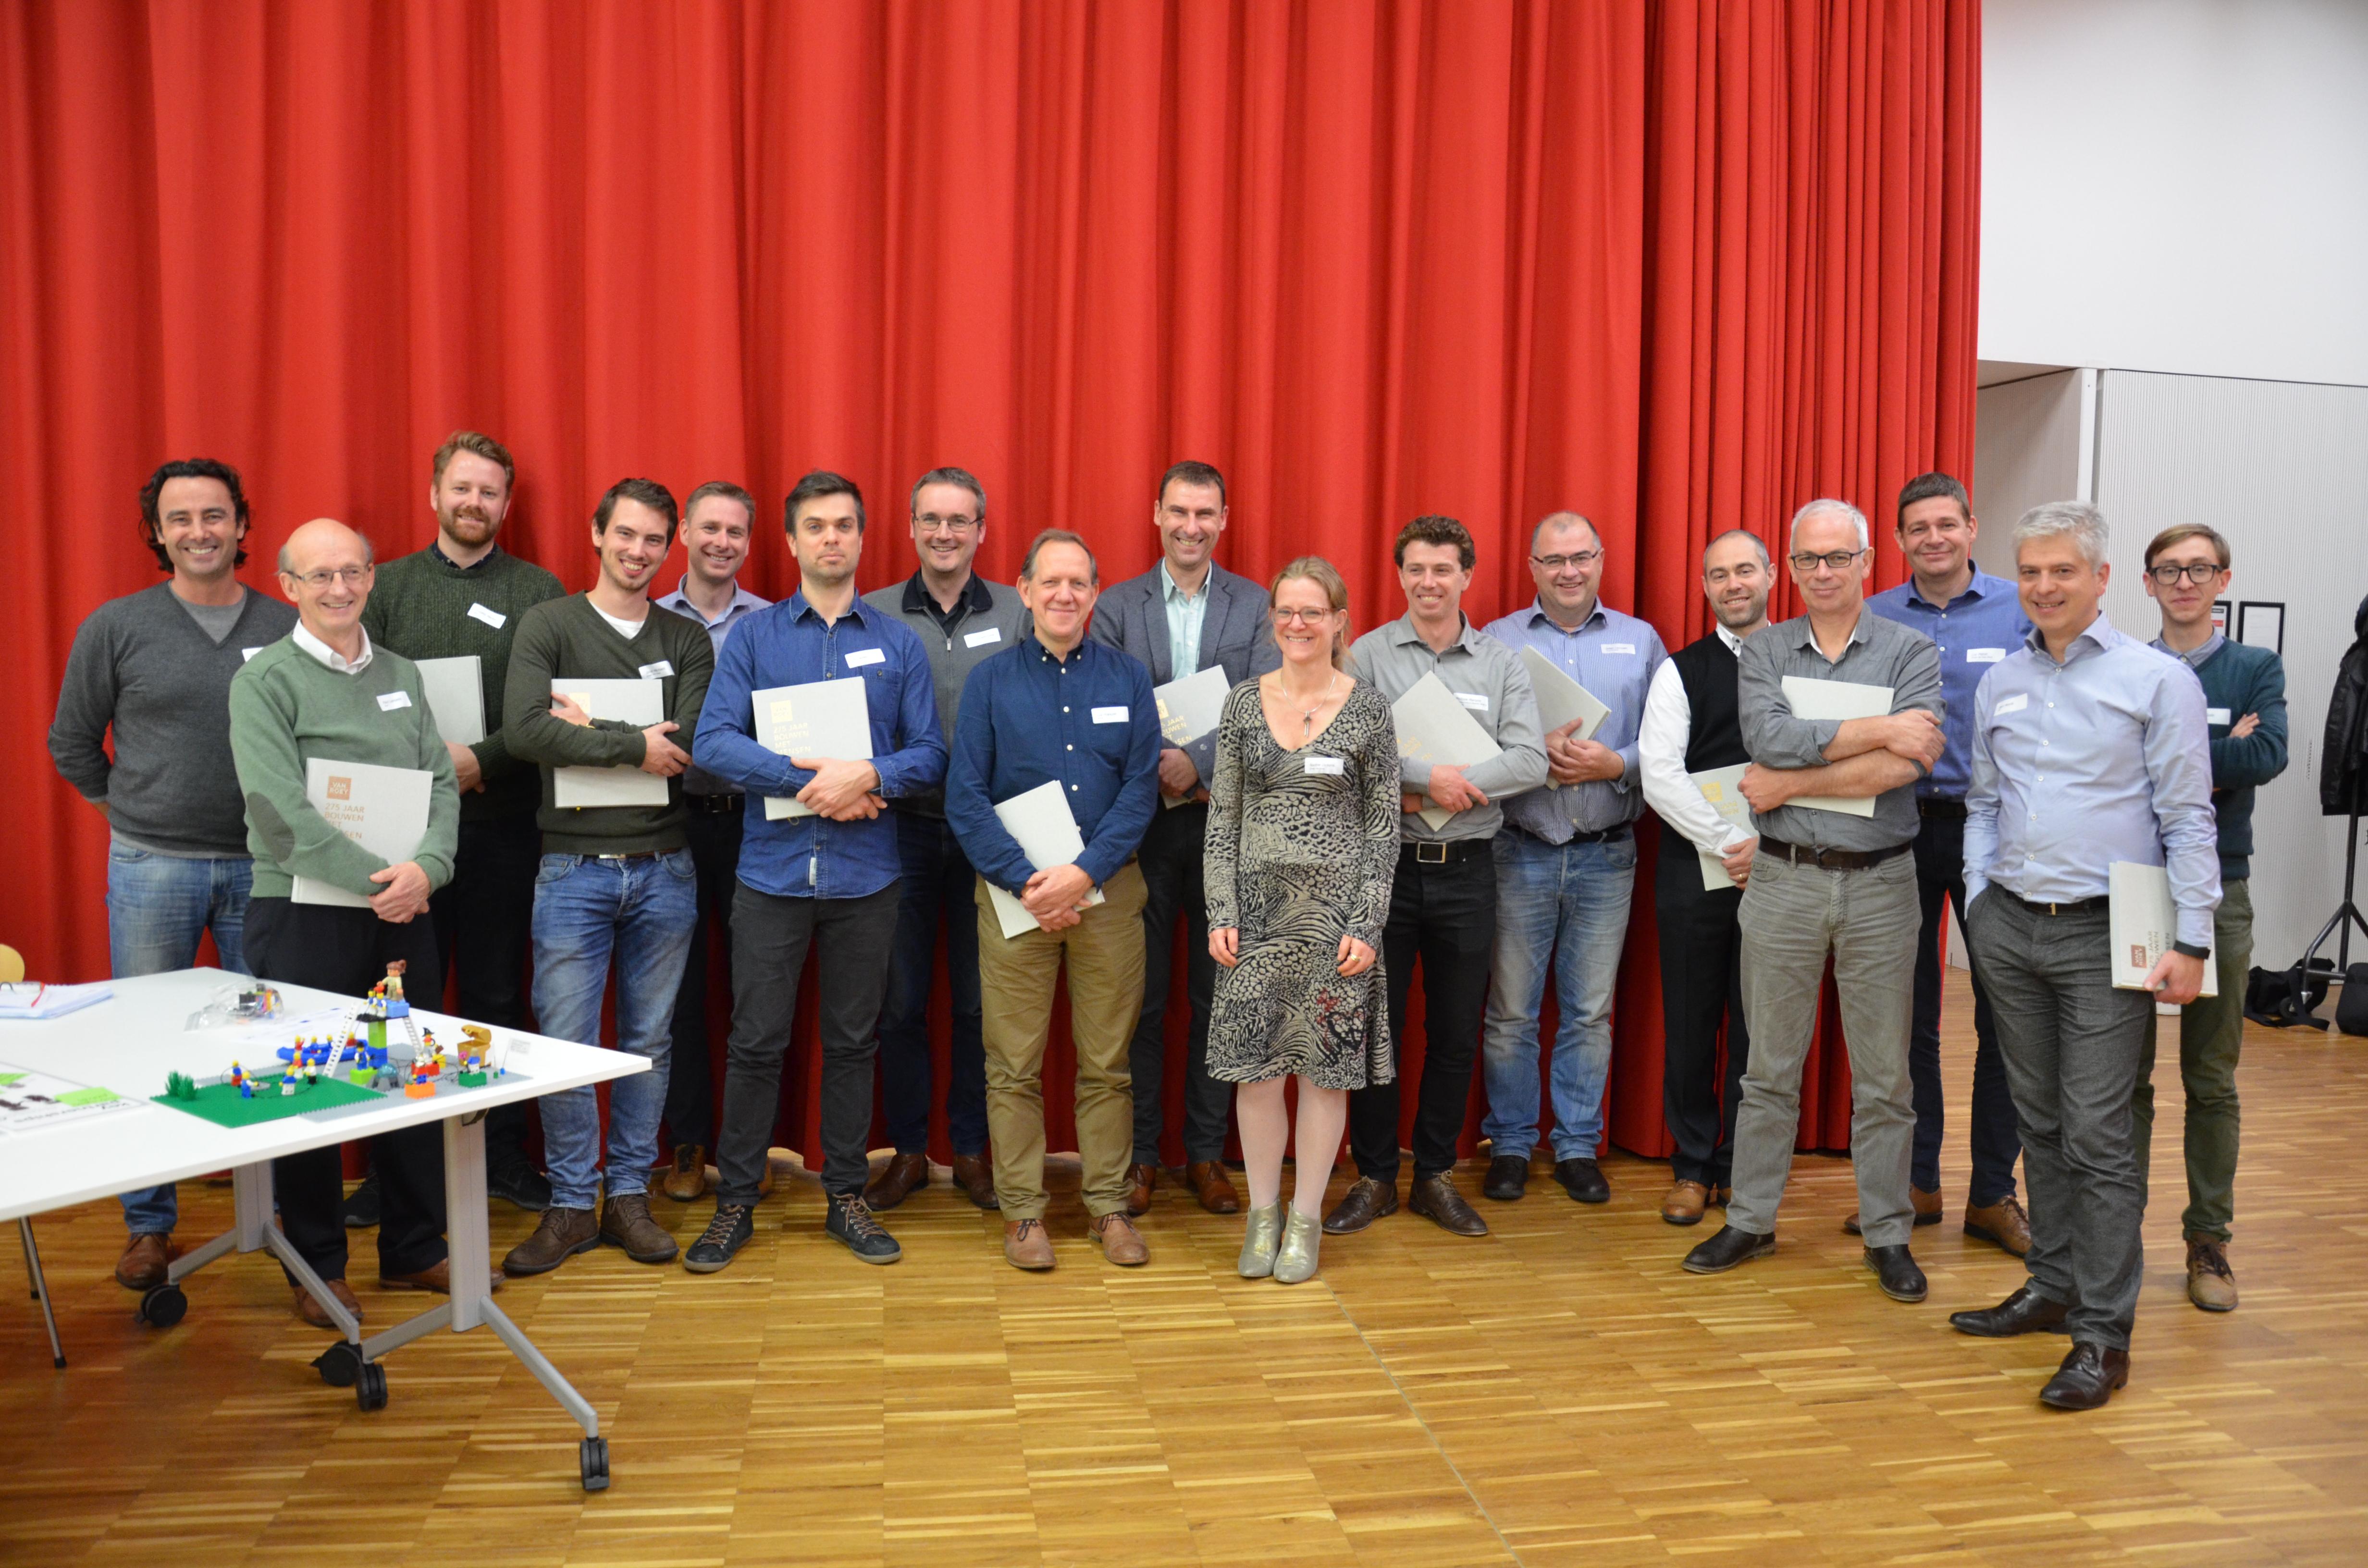 Groep Van Roey Groepsfoto